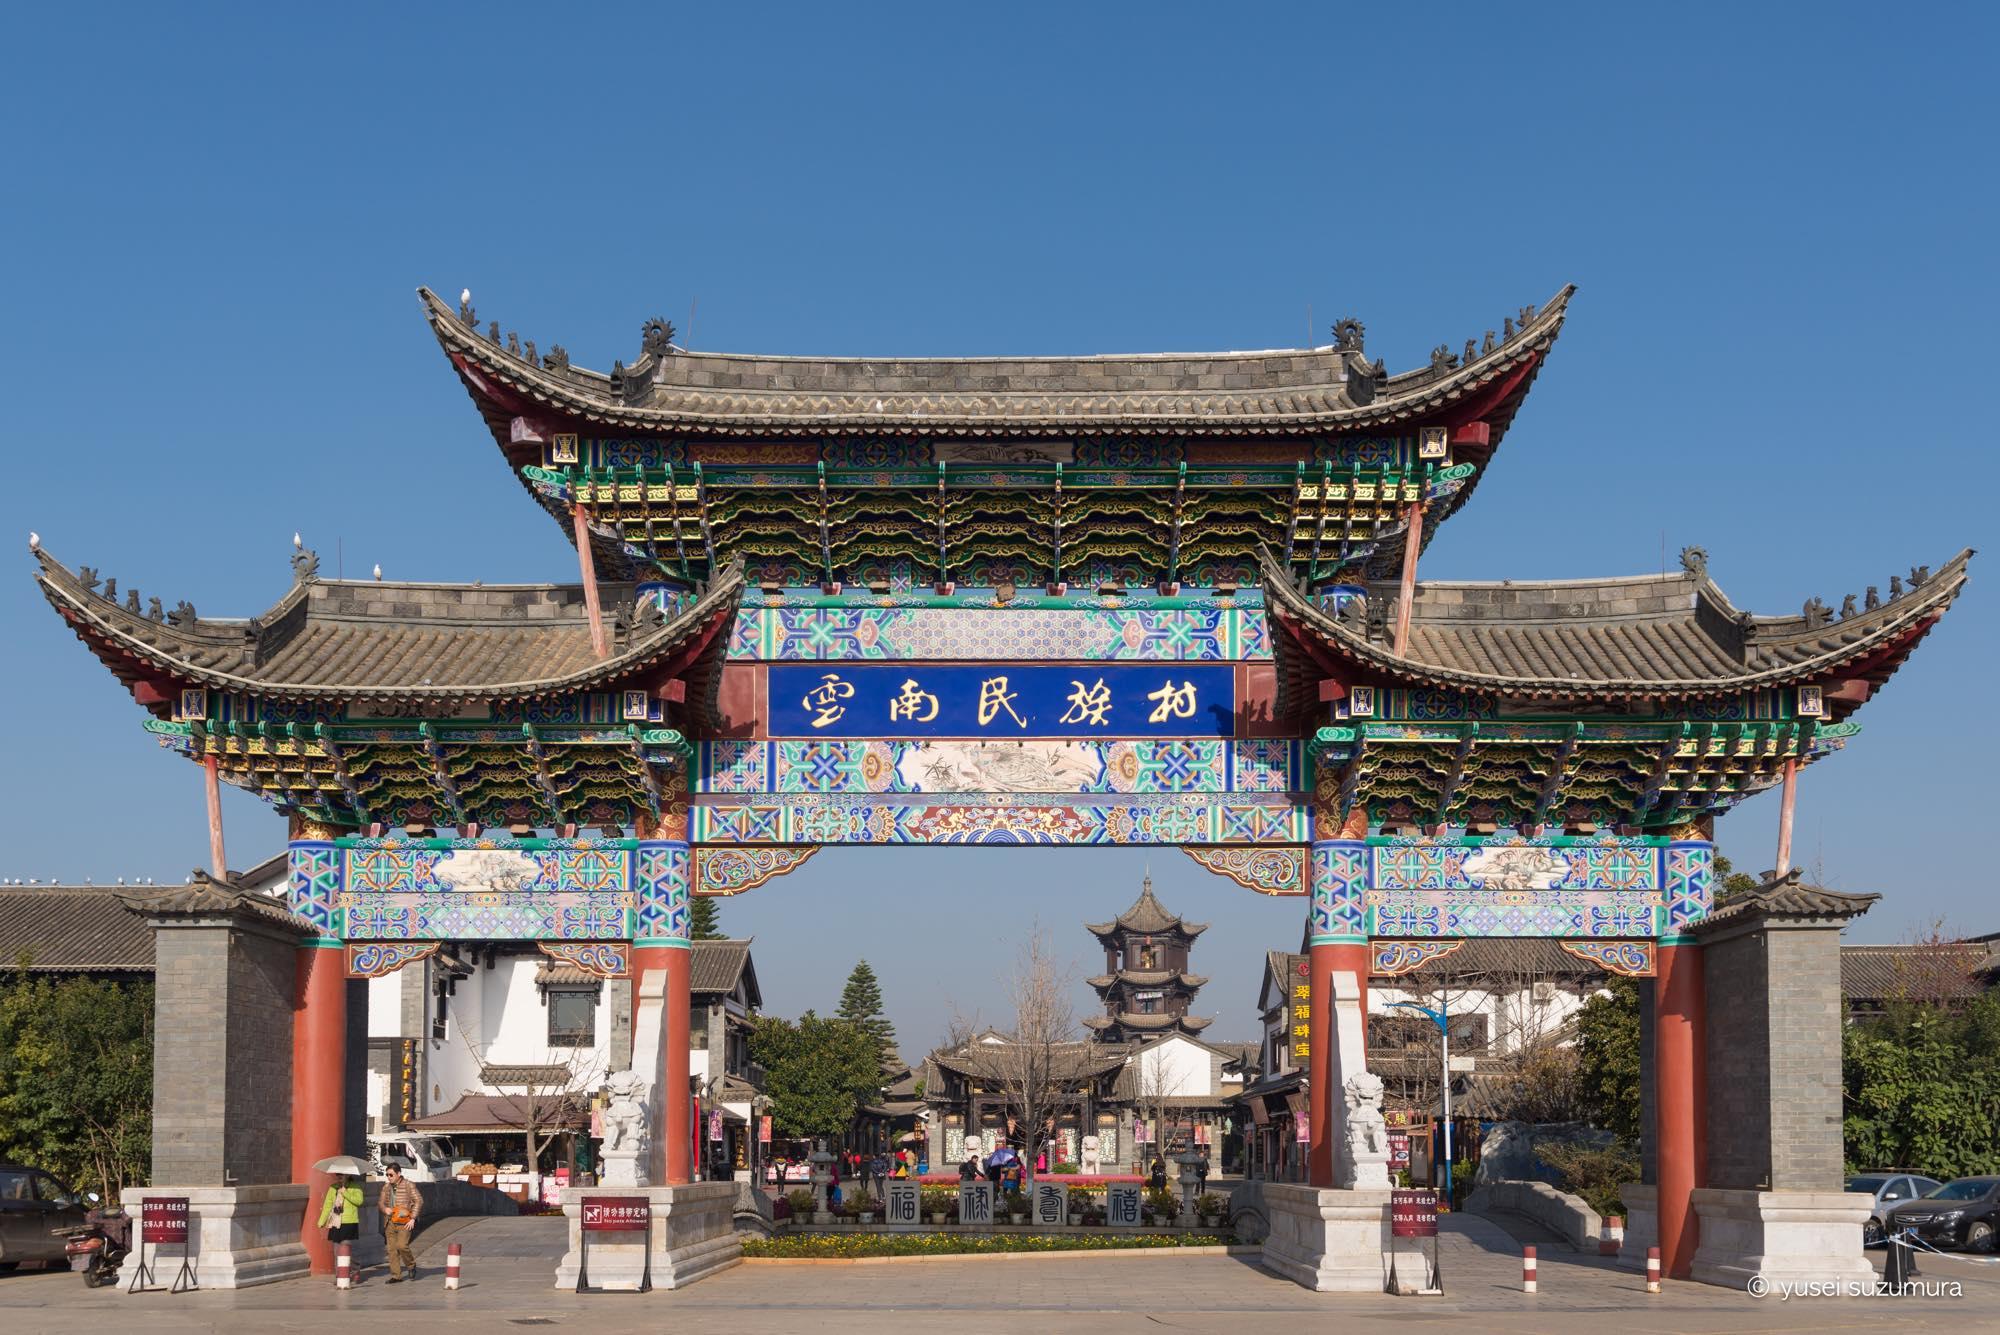 雲南民俗村 昆明